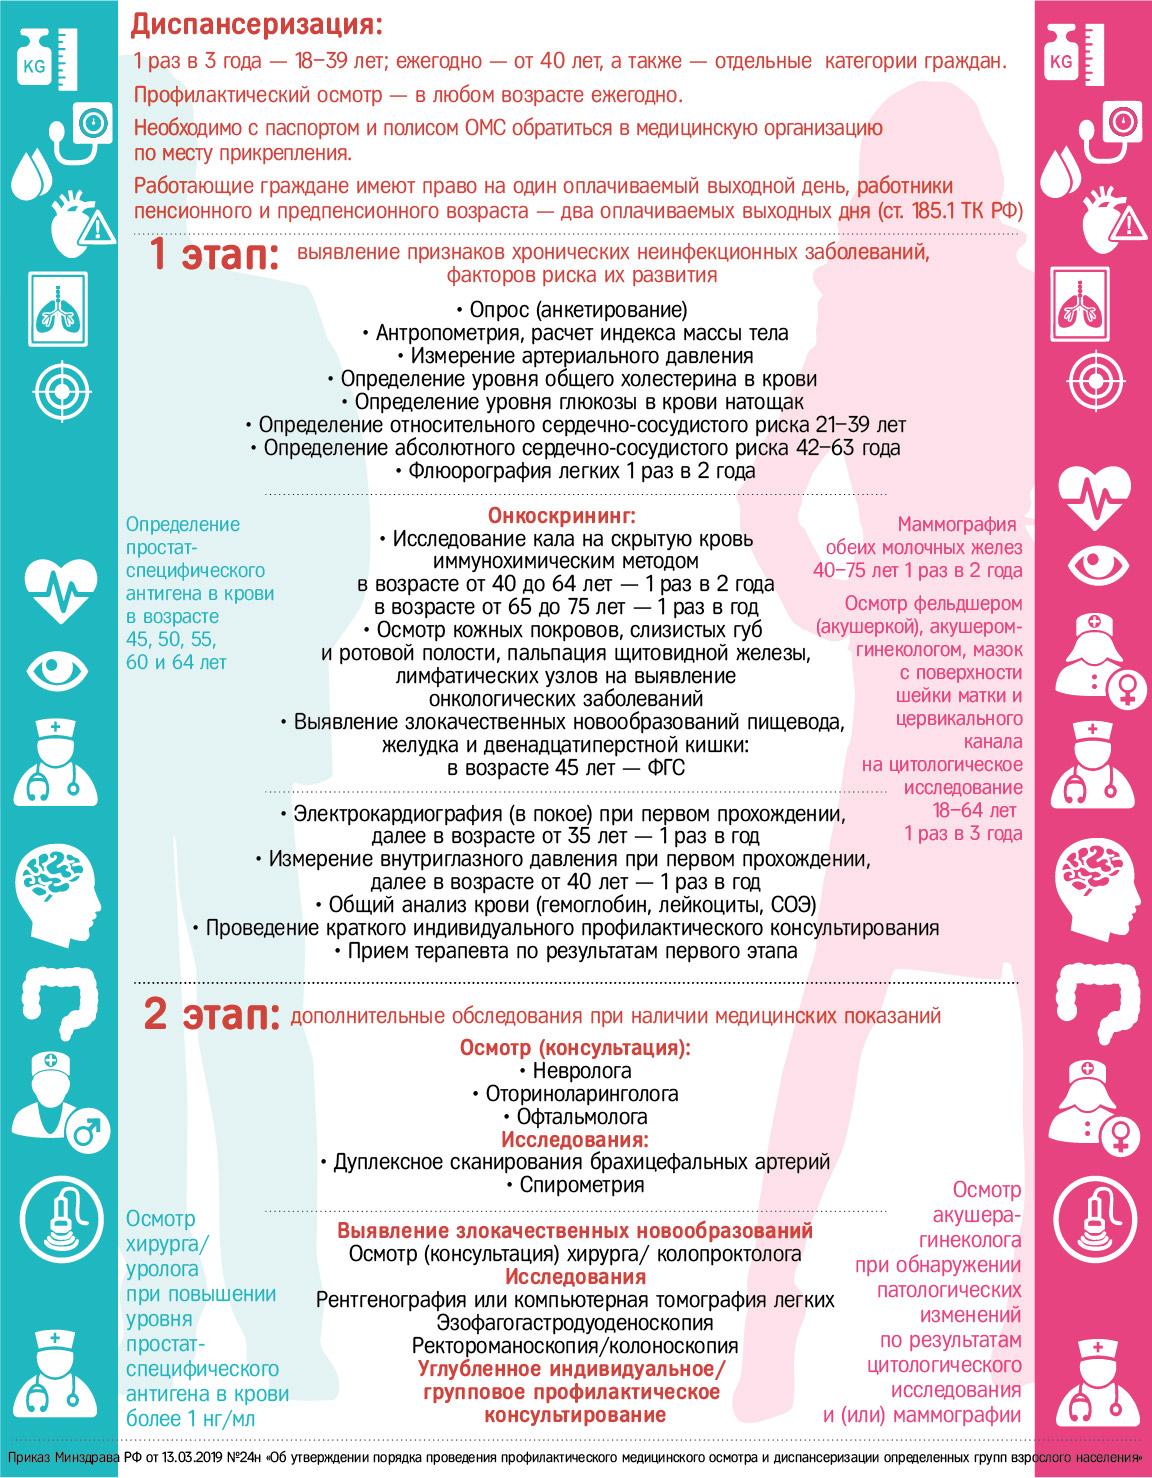 Информация о порядке прохождения диспансеризации